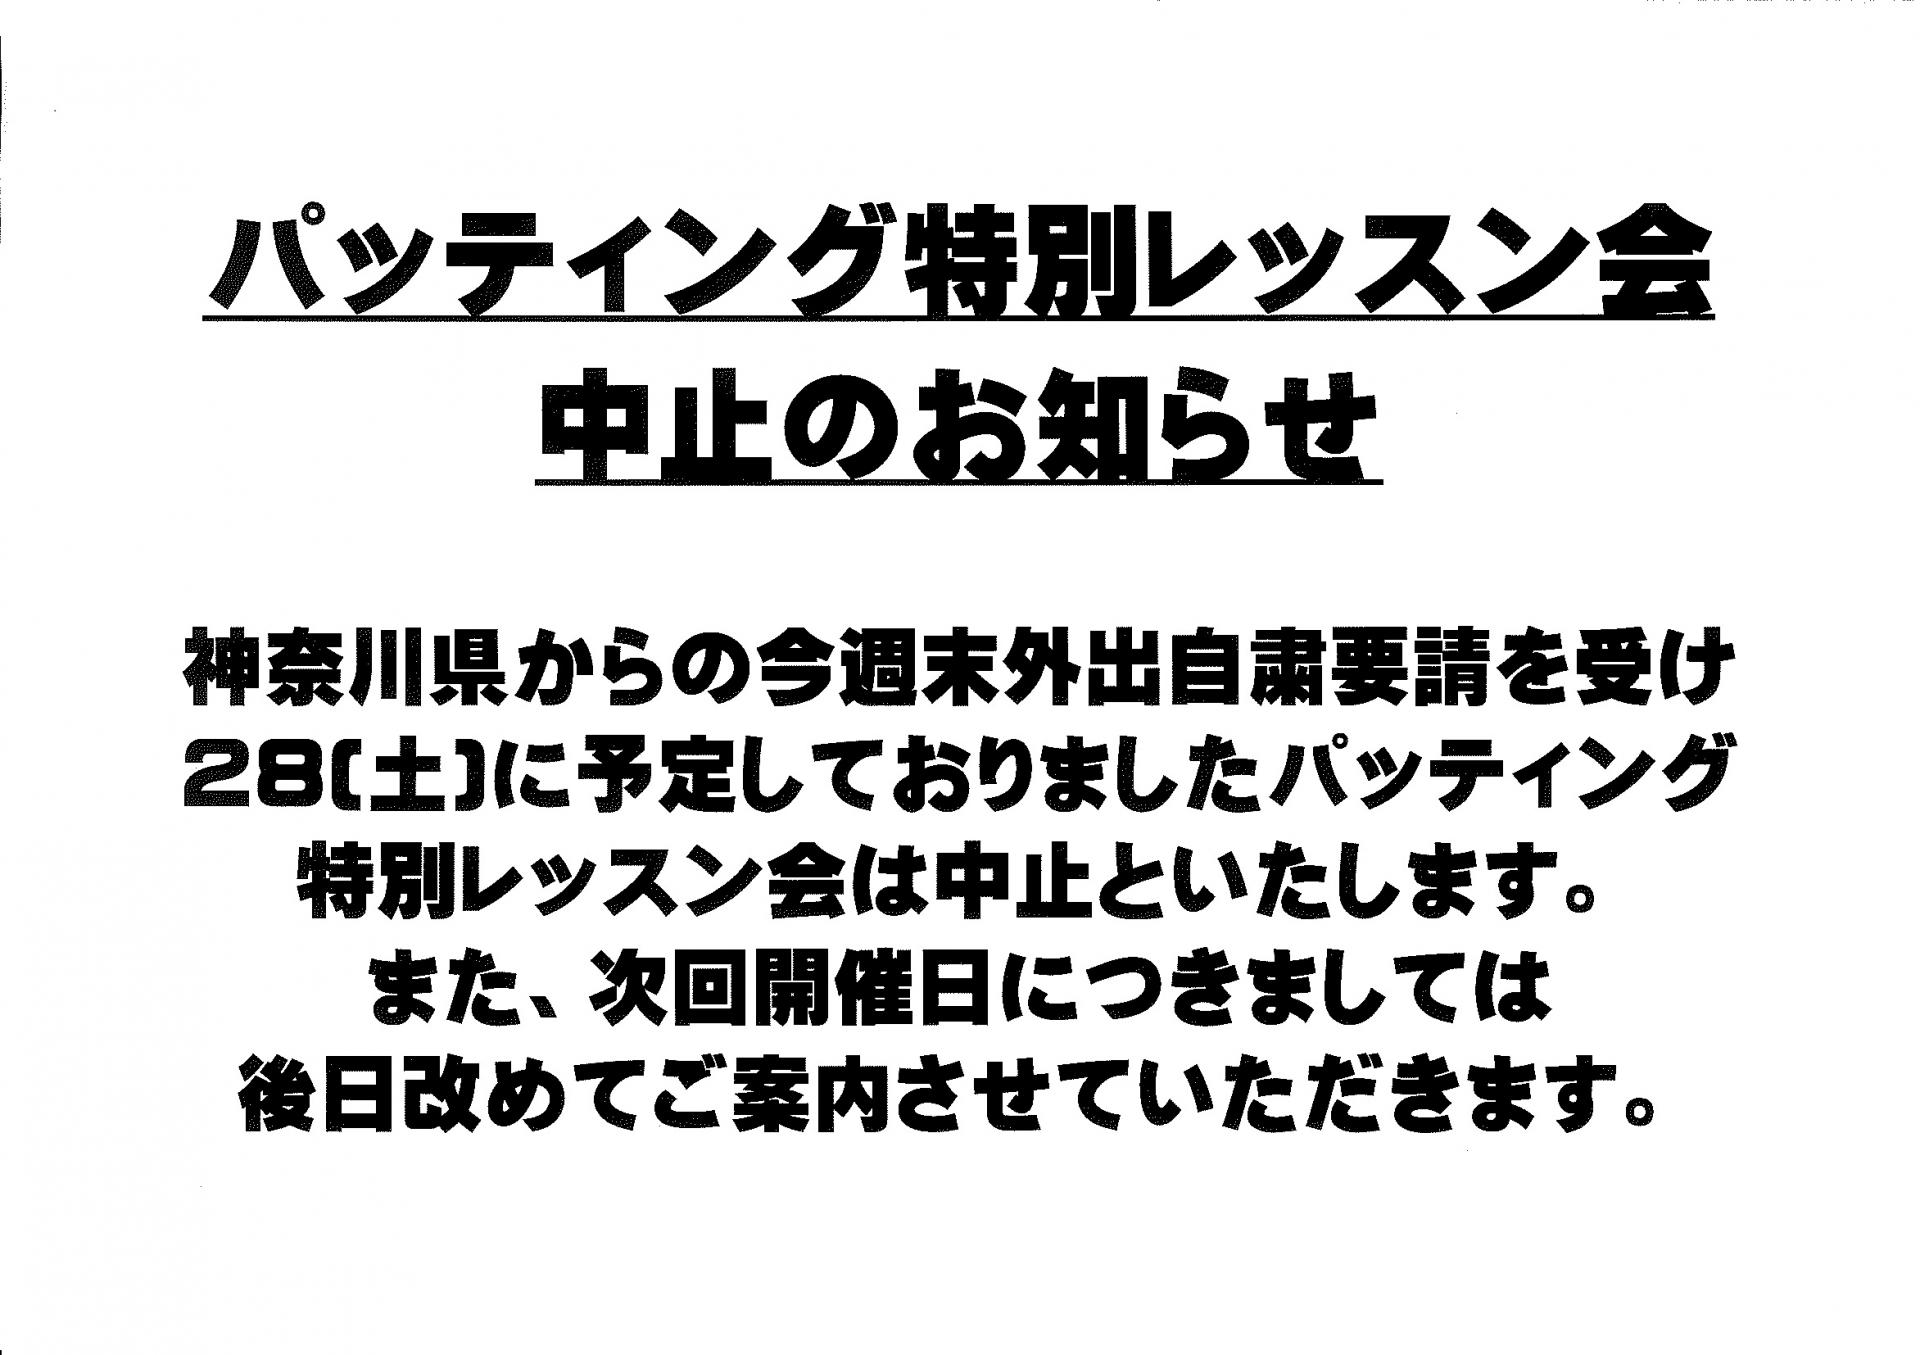 パッティング特別レッスン会中止のお知らせ